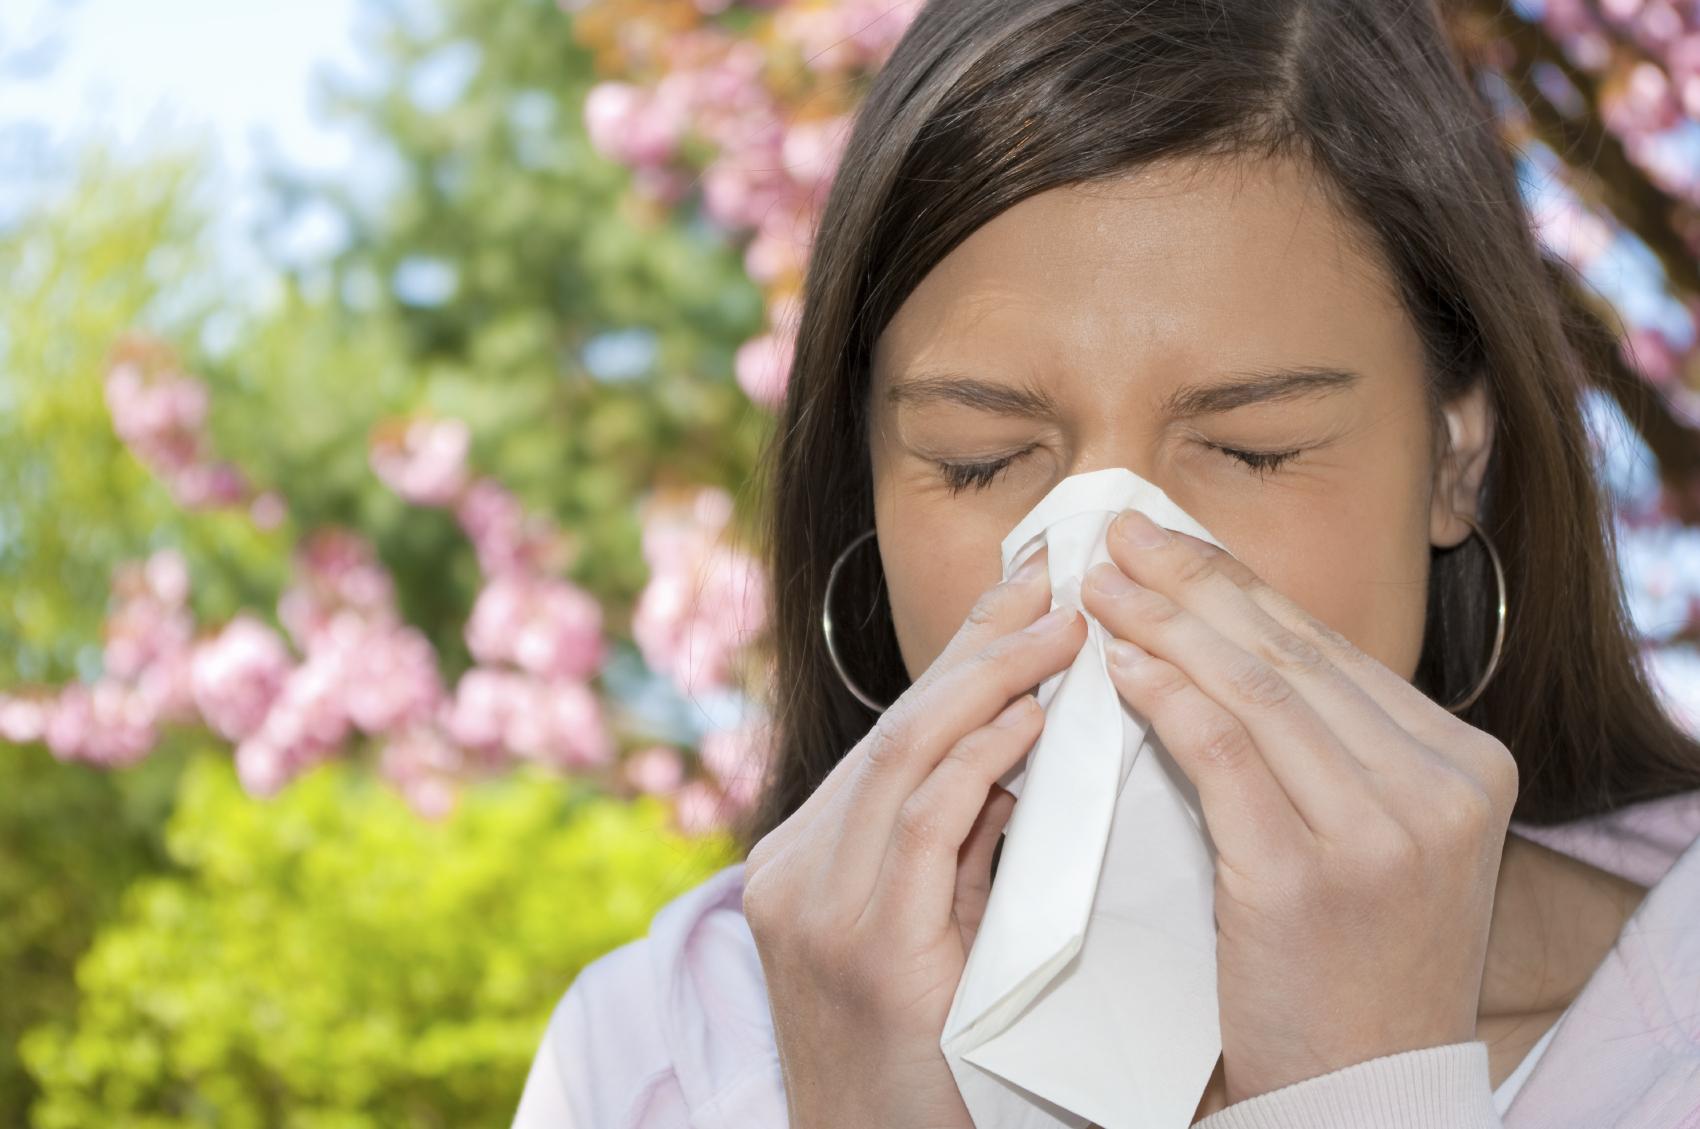 Ринит из-за аллергии